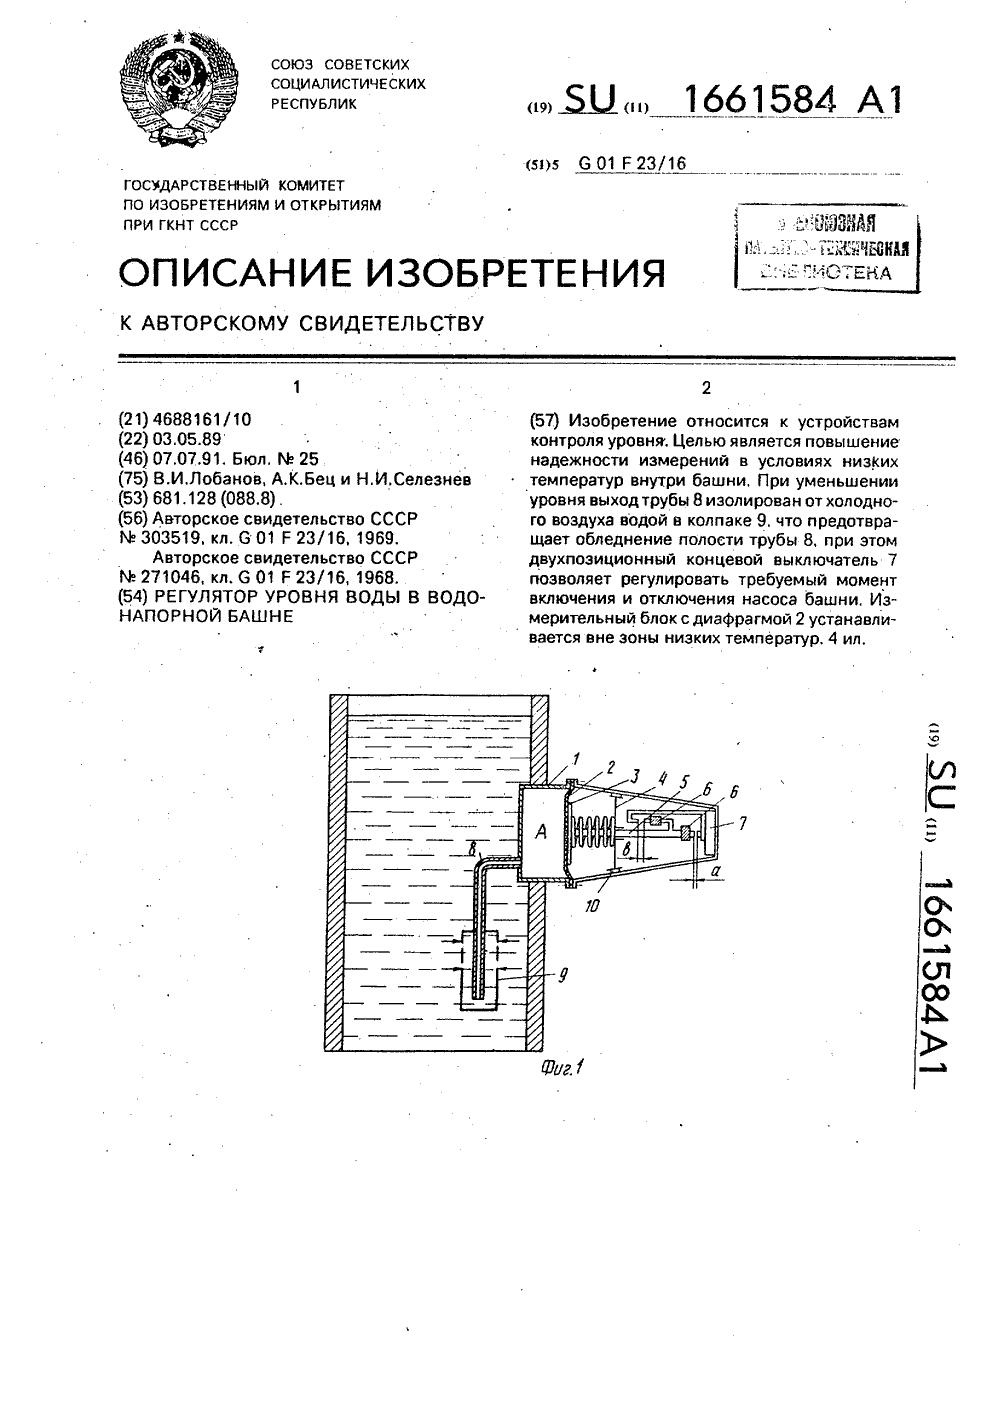 Регулятор уровня воды водонапорных башен